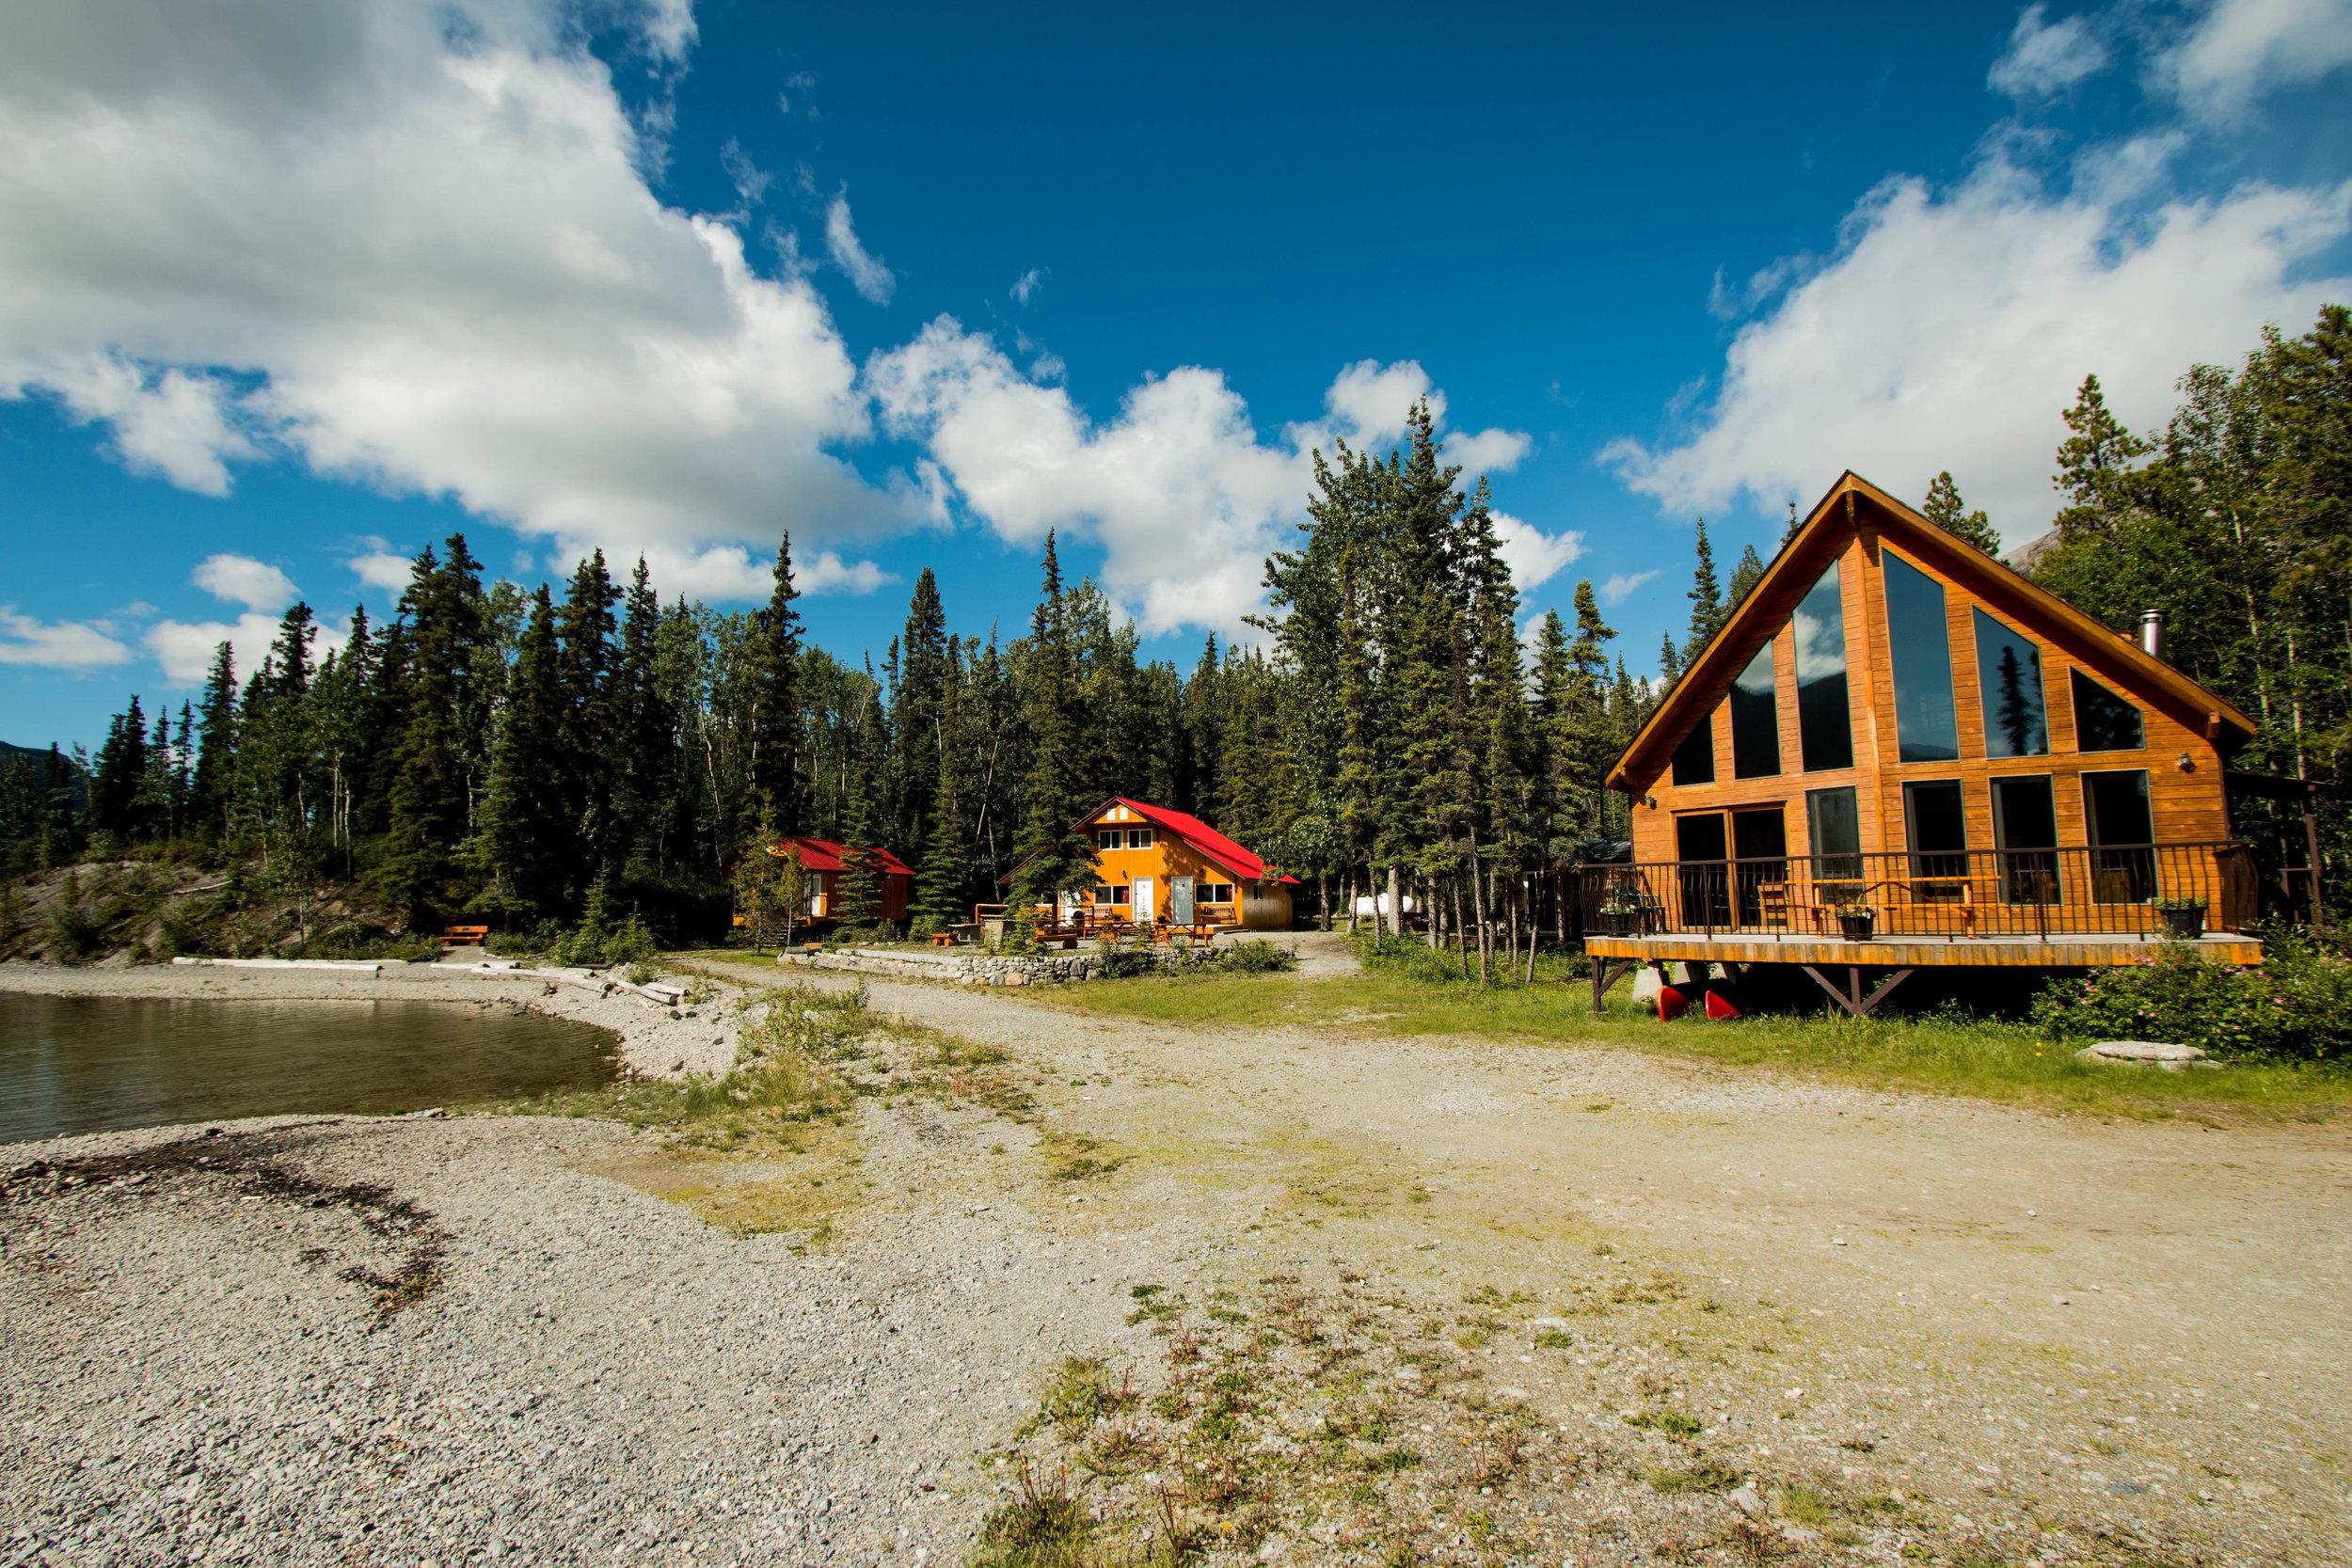 Cedar House and Grants Cabin